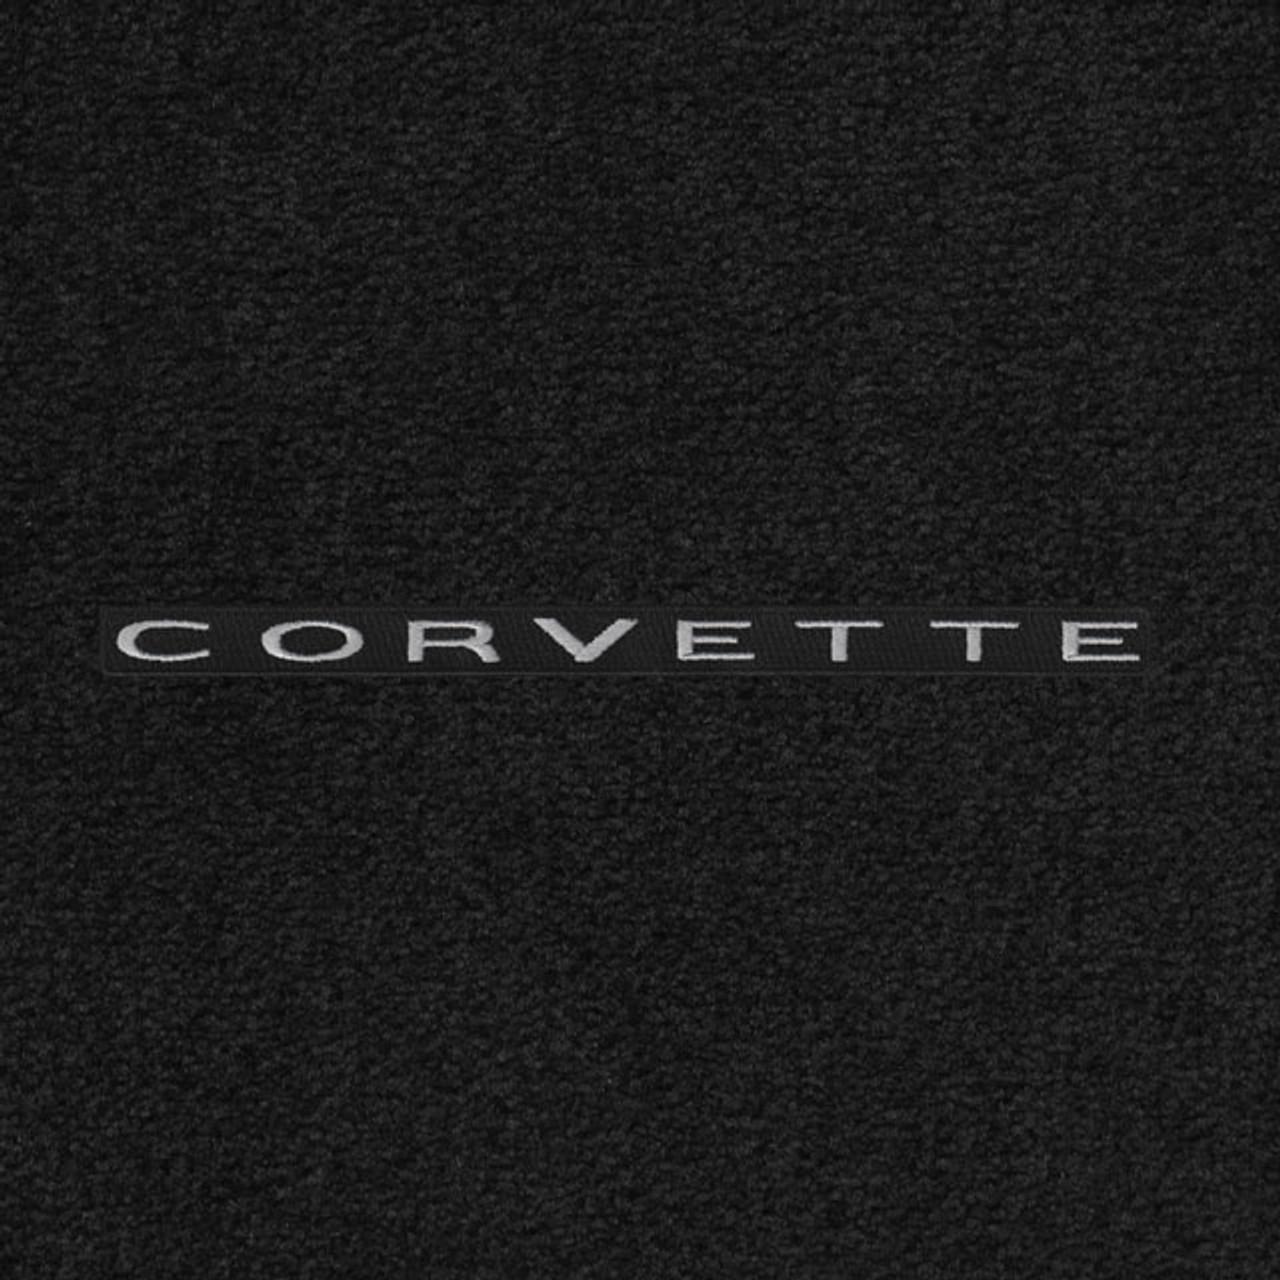 1968-1973 Corvette Lettering